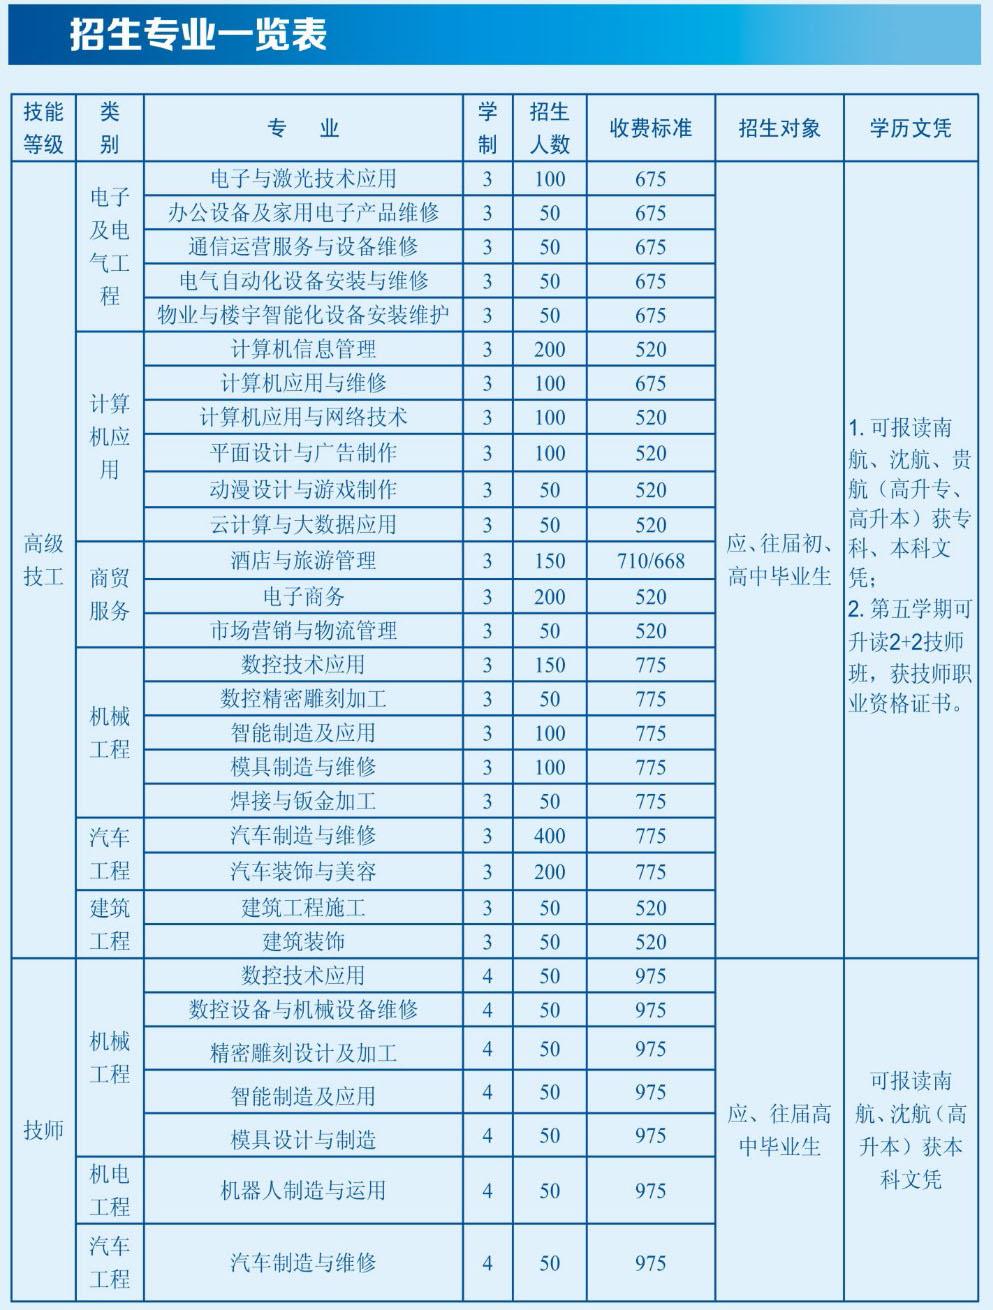 贵州省电子信息高级技工学校2019年招生计划